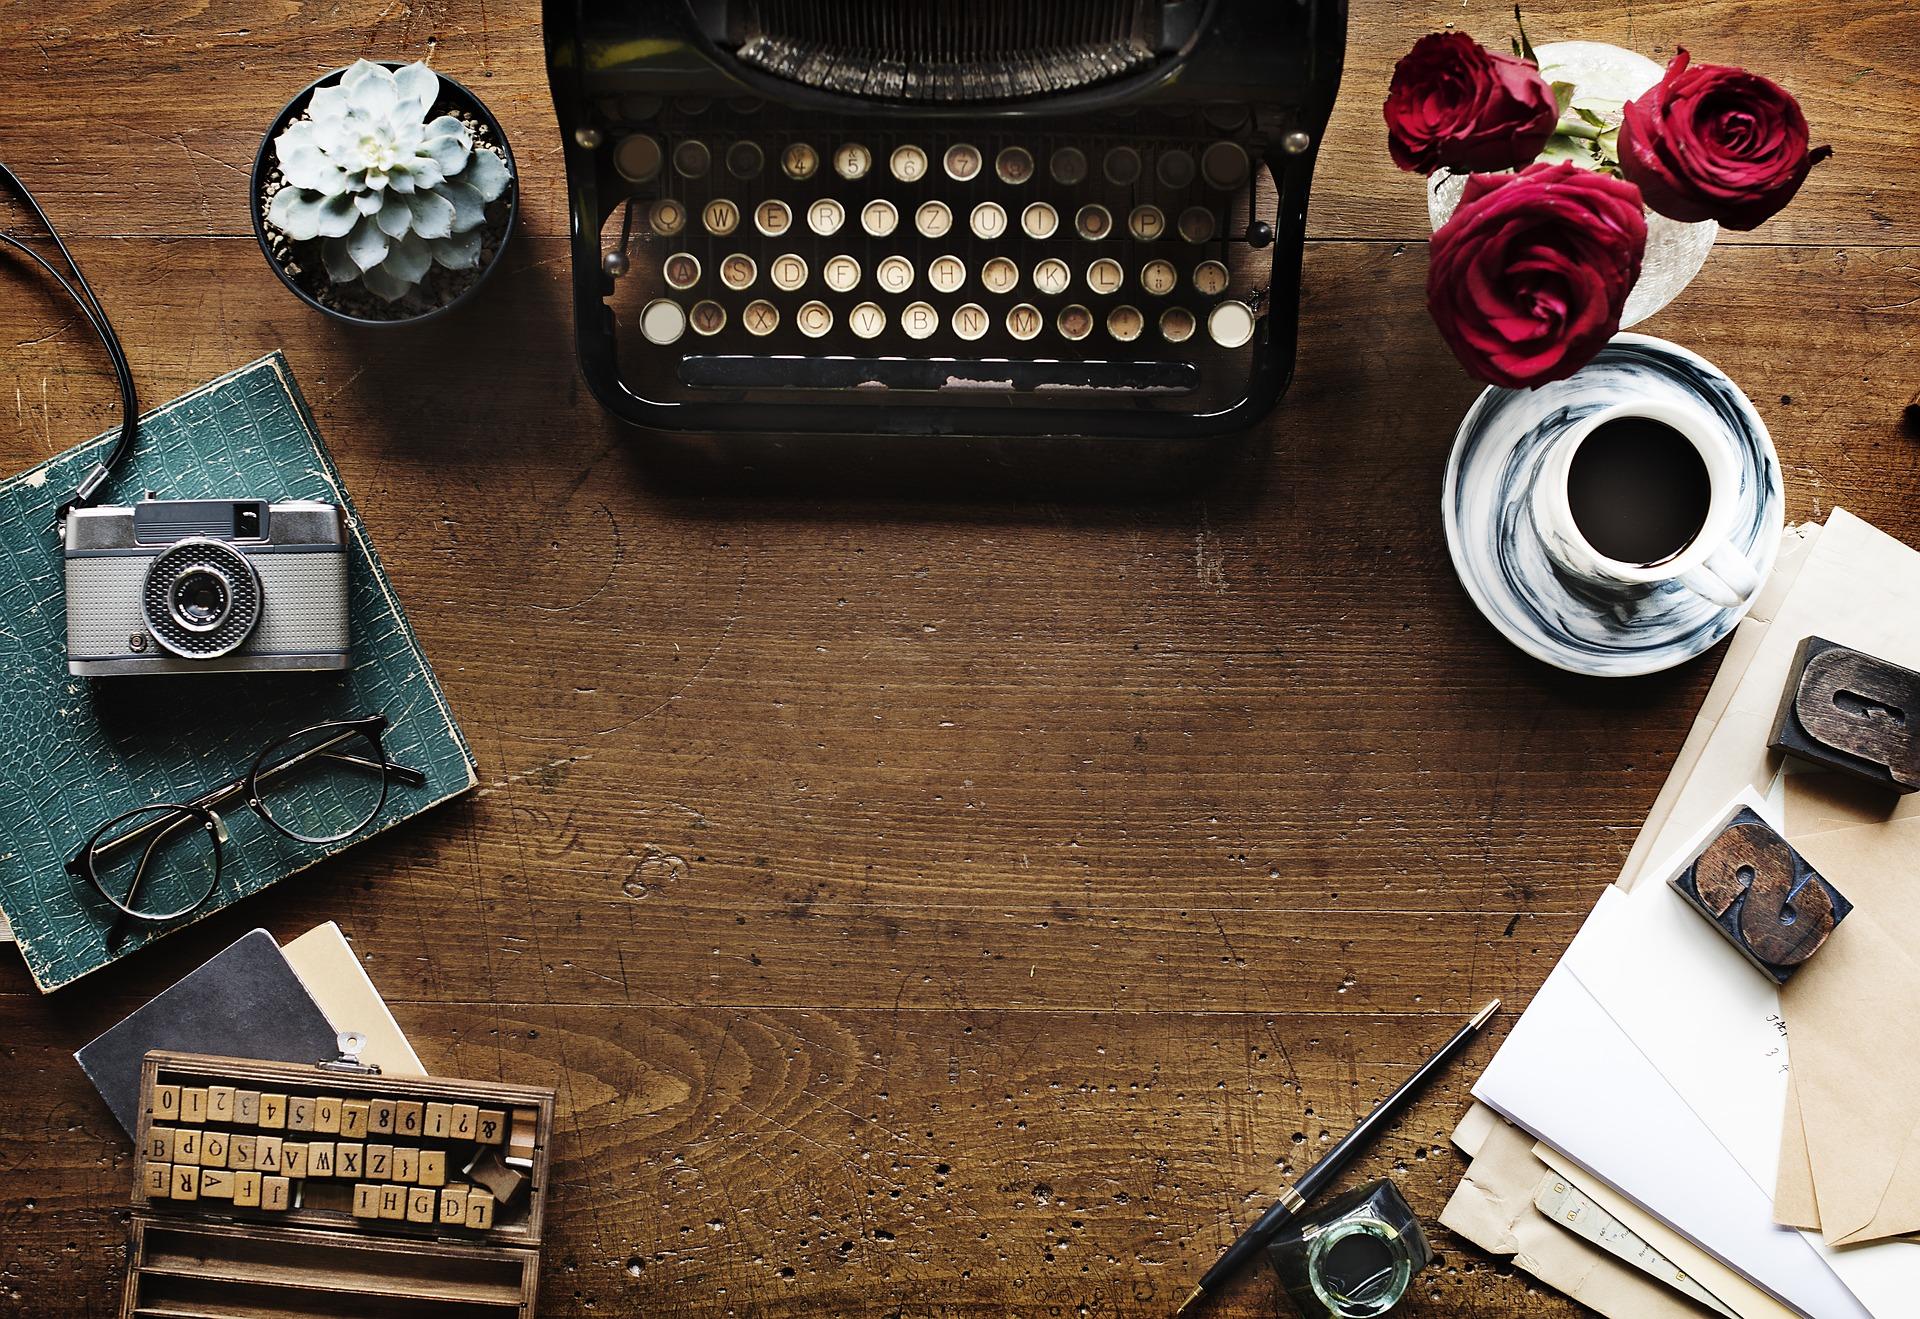 Schreibmaschine Schreiben Arbeiten